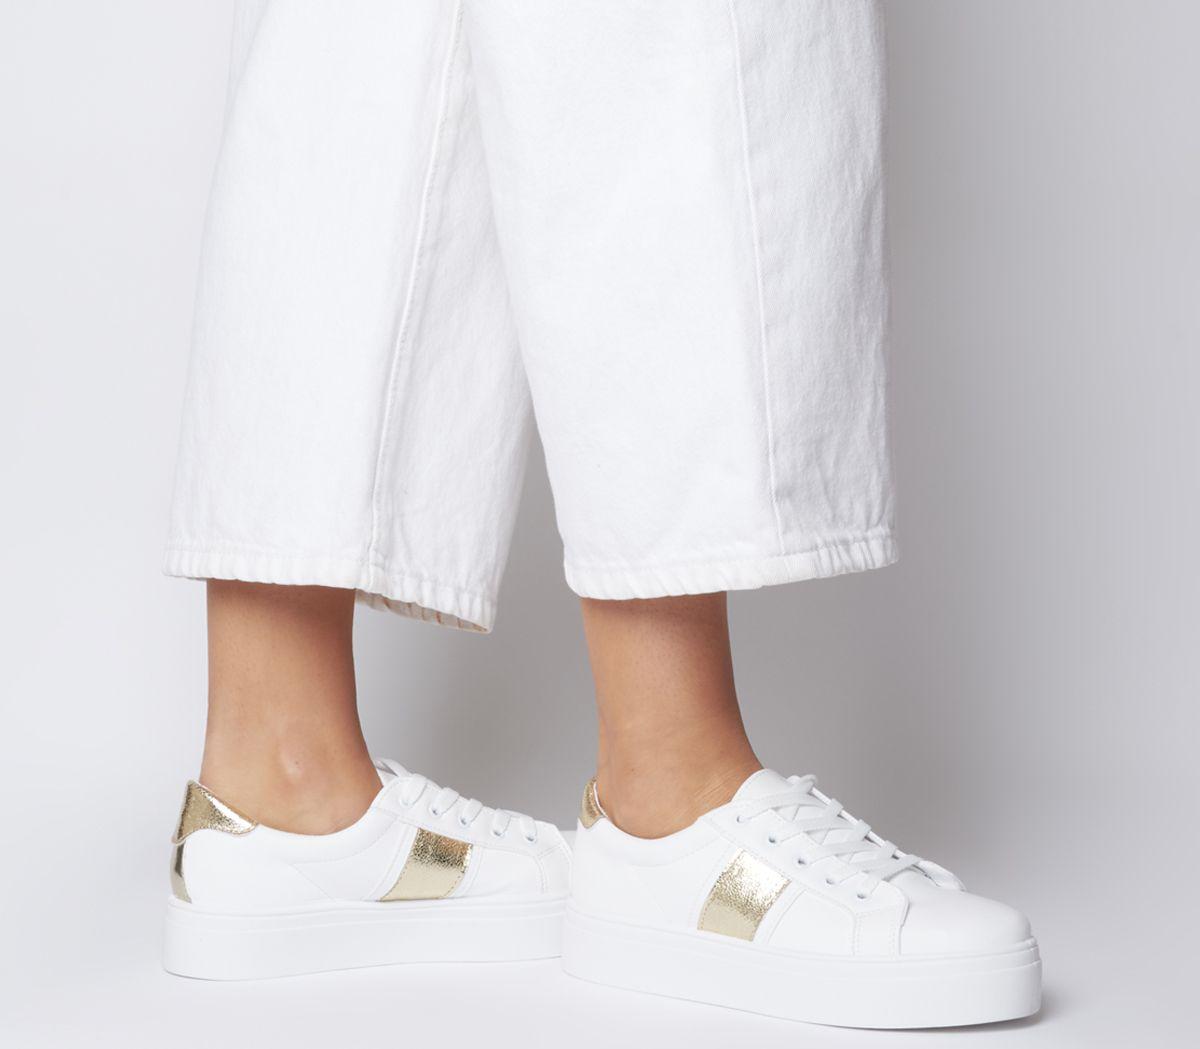 separation shoes wholesale sales low cost Detalles de Función de oficina para Mujer Plataforma Con Cordones  Entrenadores Blanco con pisos de oro- ver título original